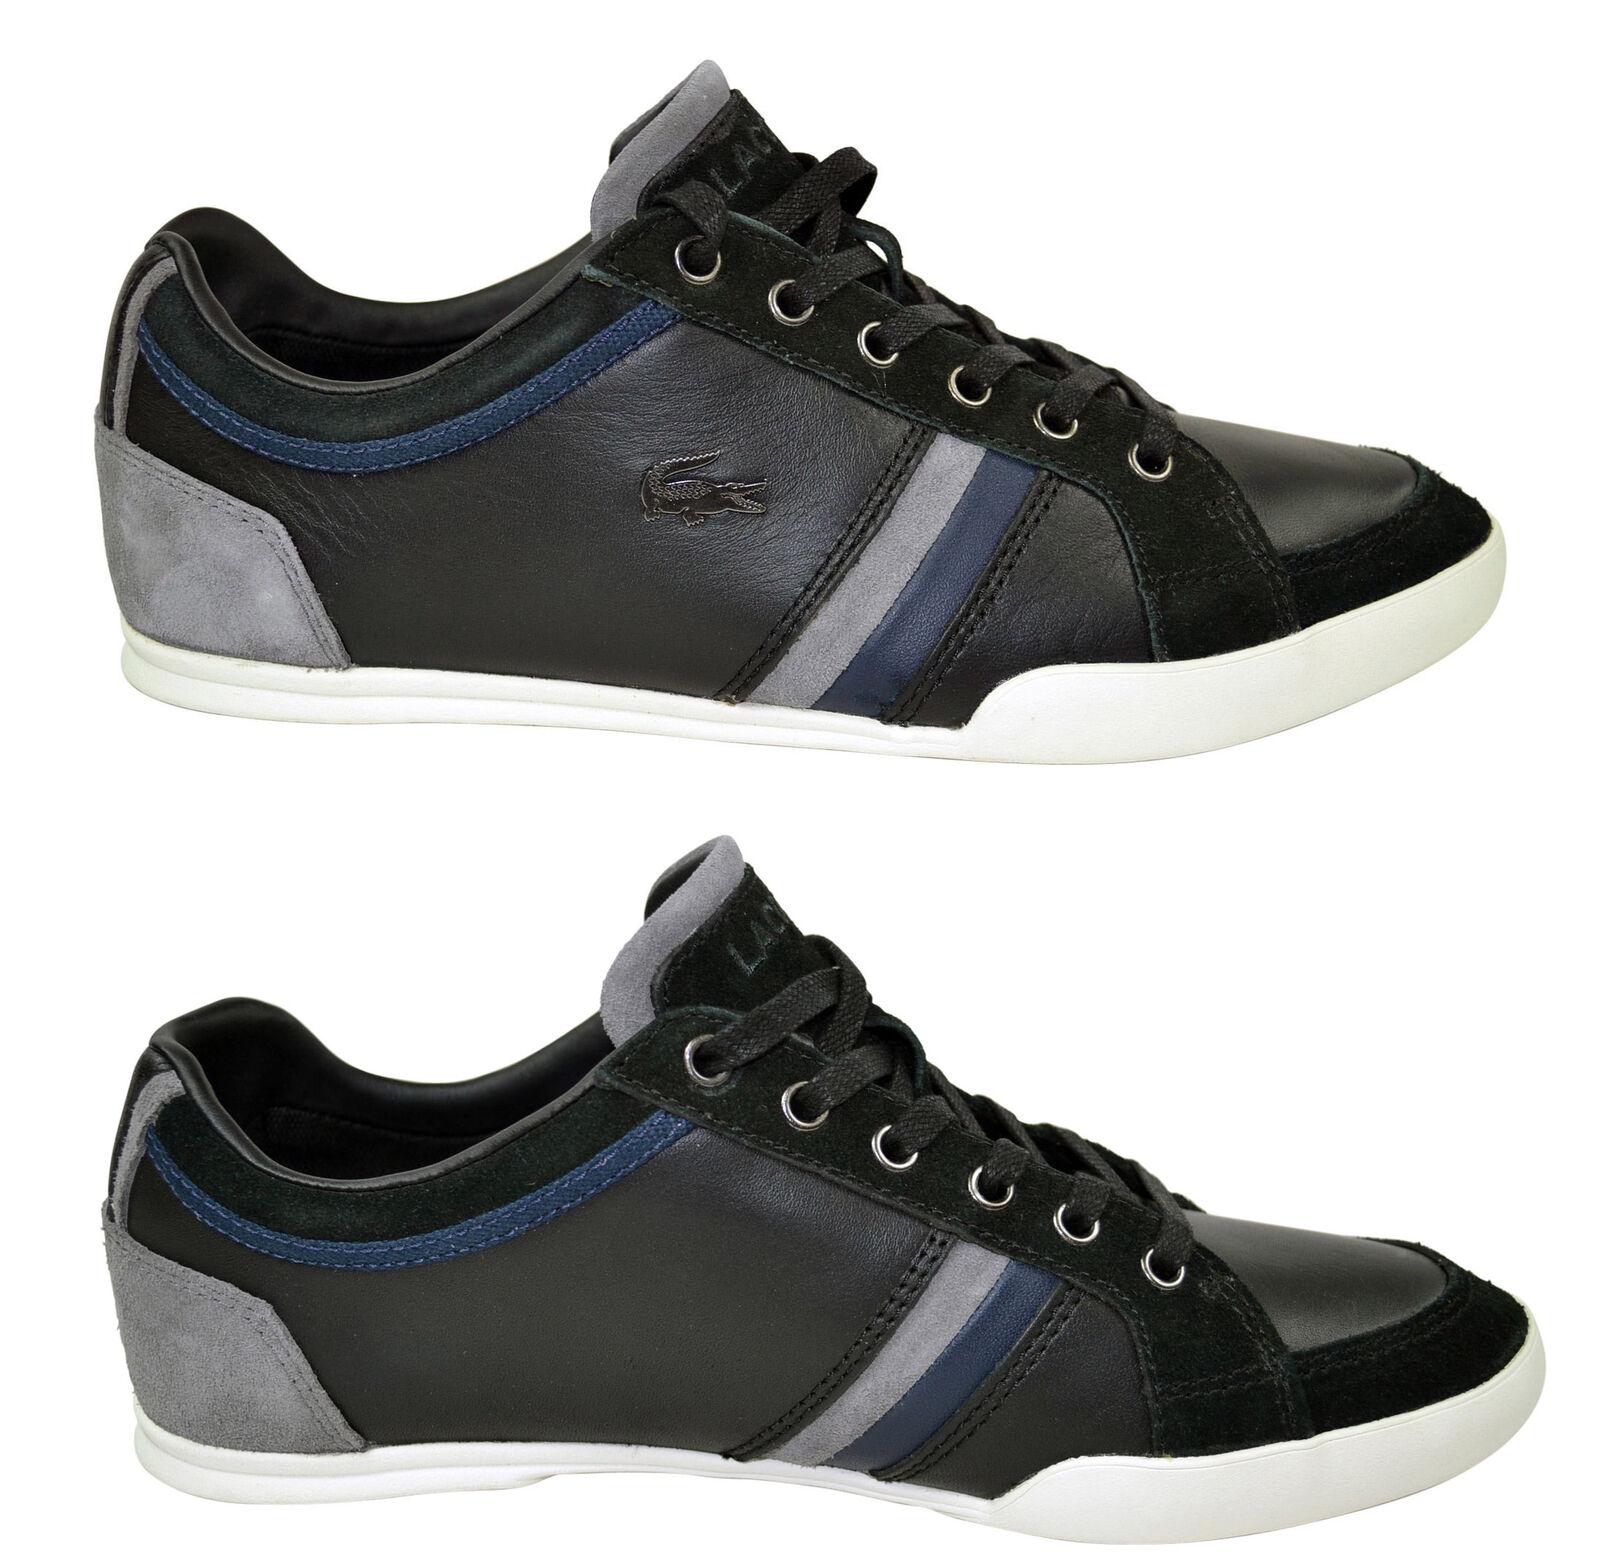 Lacoste Rayford SRM black Leather Suede Schuhe Sneaker schwarz Gr. 40 Sale